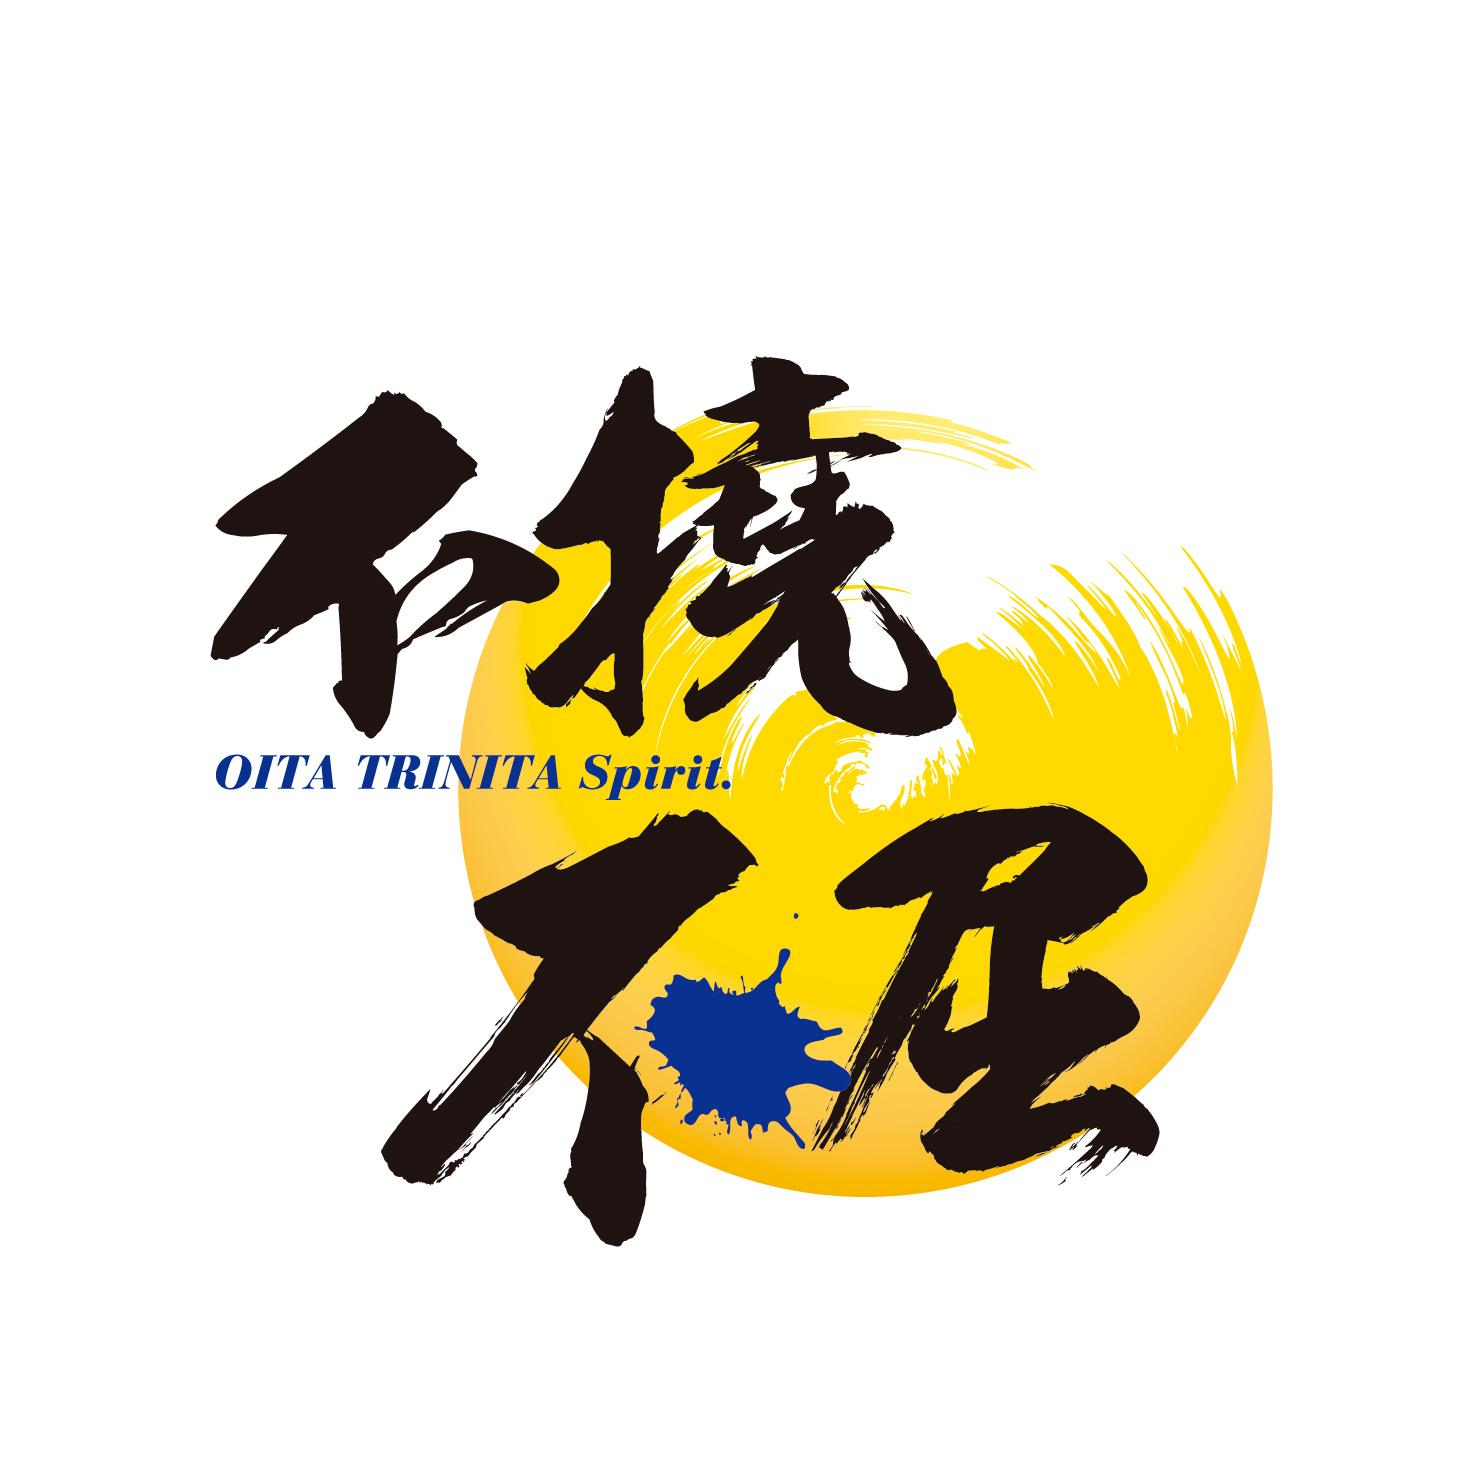 OITA TRINITA 2020スローガン